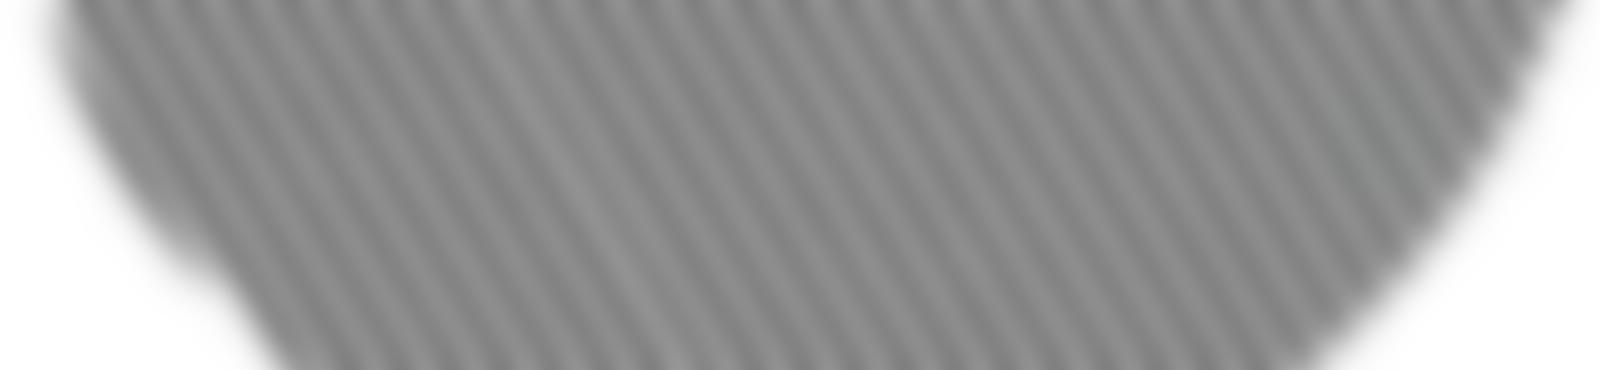 Blurred b87d83a1 21e7 4b83 82f6 7029bf816d38